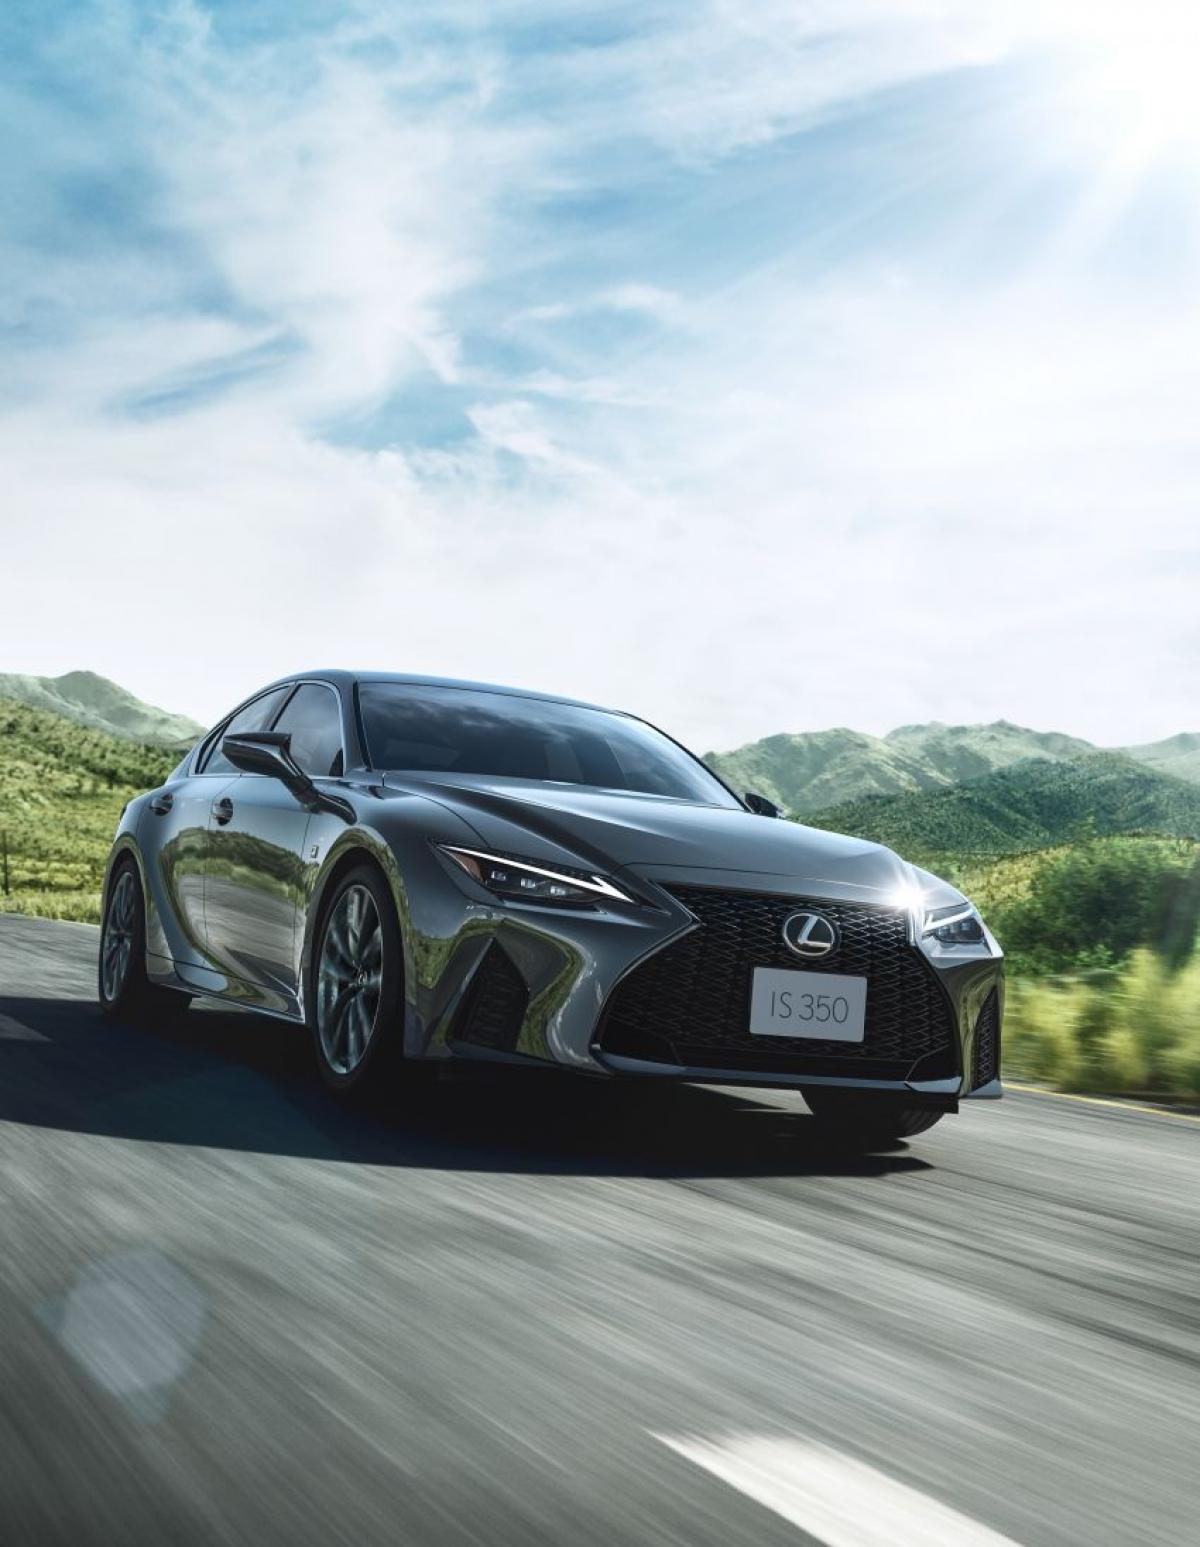 """Ra mắt toàn cầu hồi tháng 6,LexusIS 2021 vừa được giới thiệu tại quê nhà - Nhật Bản. IS 2021 là phiên bản nâng cấp của thế hệ thứ 3 vớisự """"lột xác"""" toàn diện cả về ngoại thất và động cơ."""